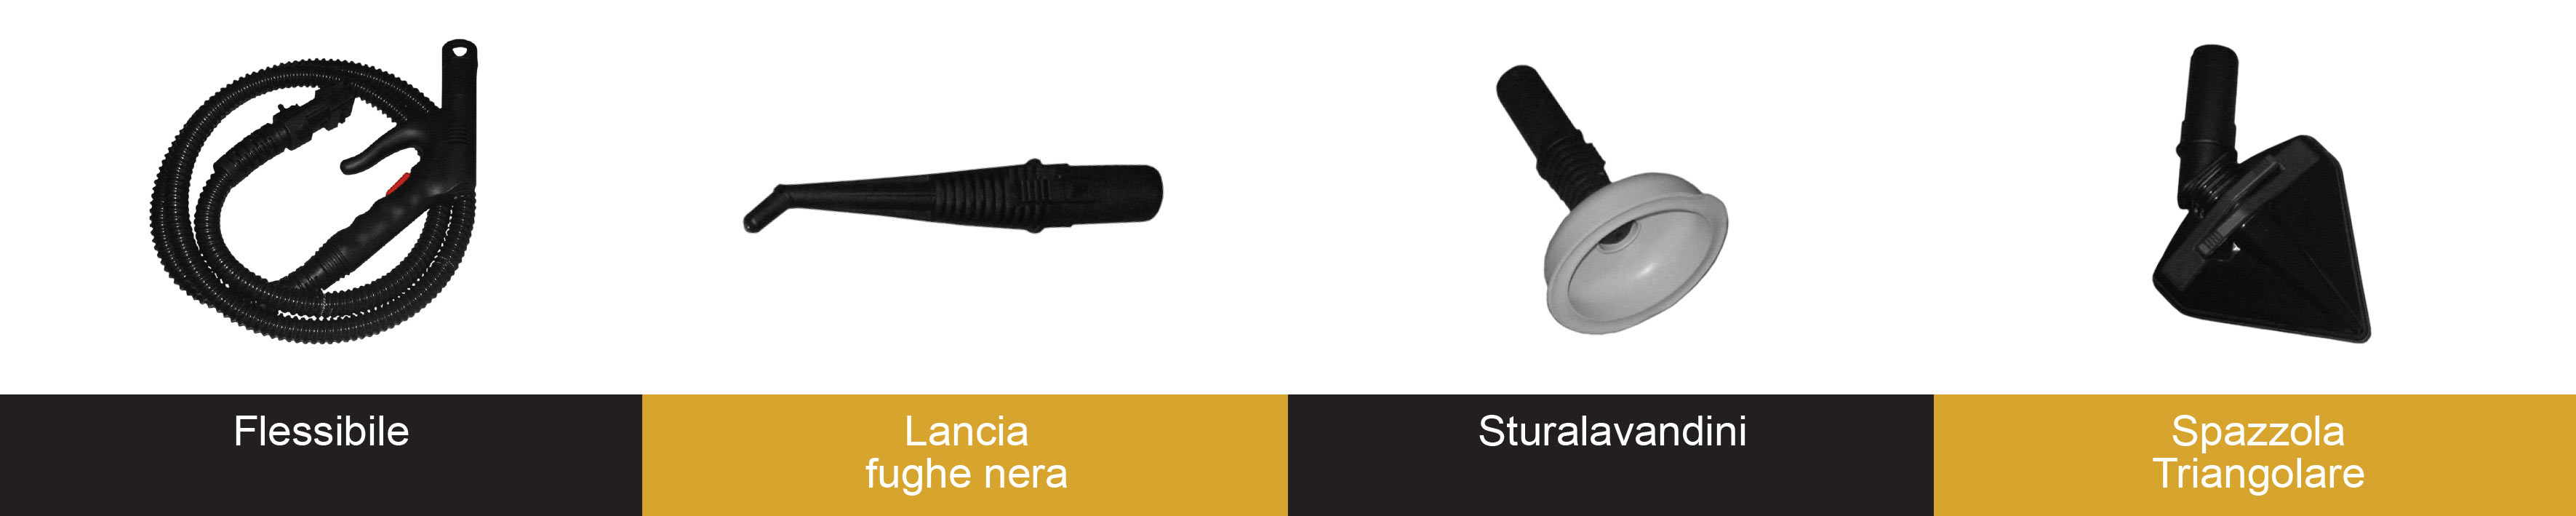 accessori-opt-solo-vapore-colf-19